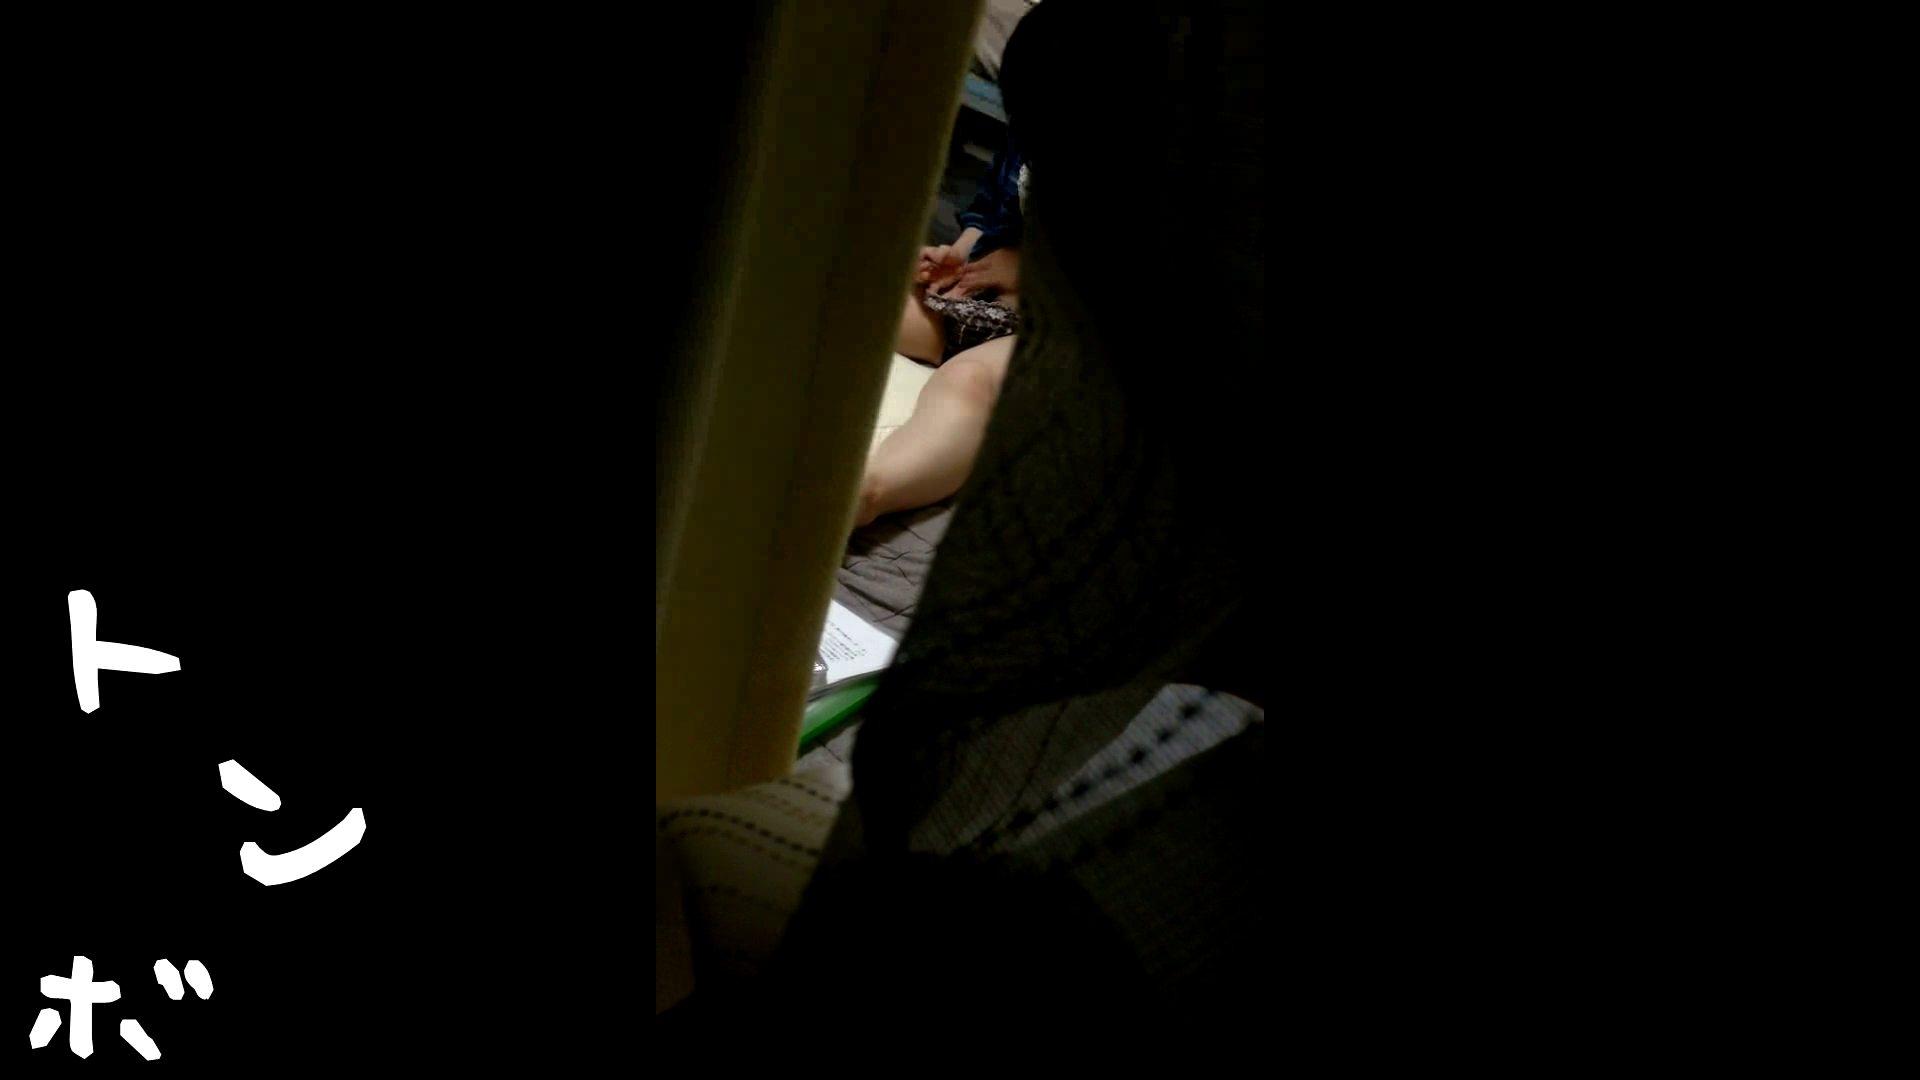 リアル盗撮 作家志望J子 アソコのお手入れ最中に感じてパンツを湿らす 盗撮   高画質  105pic 91